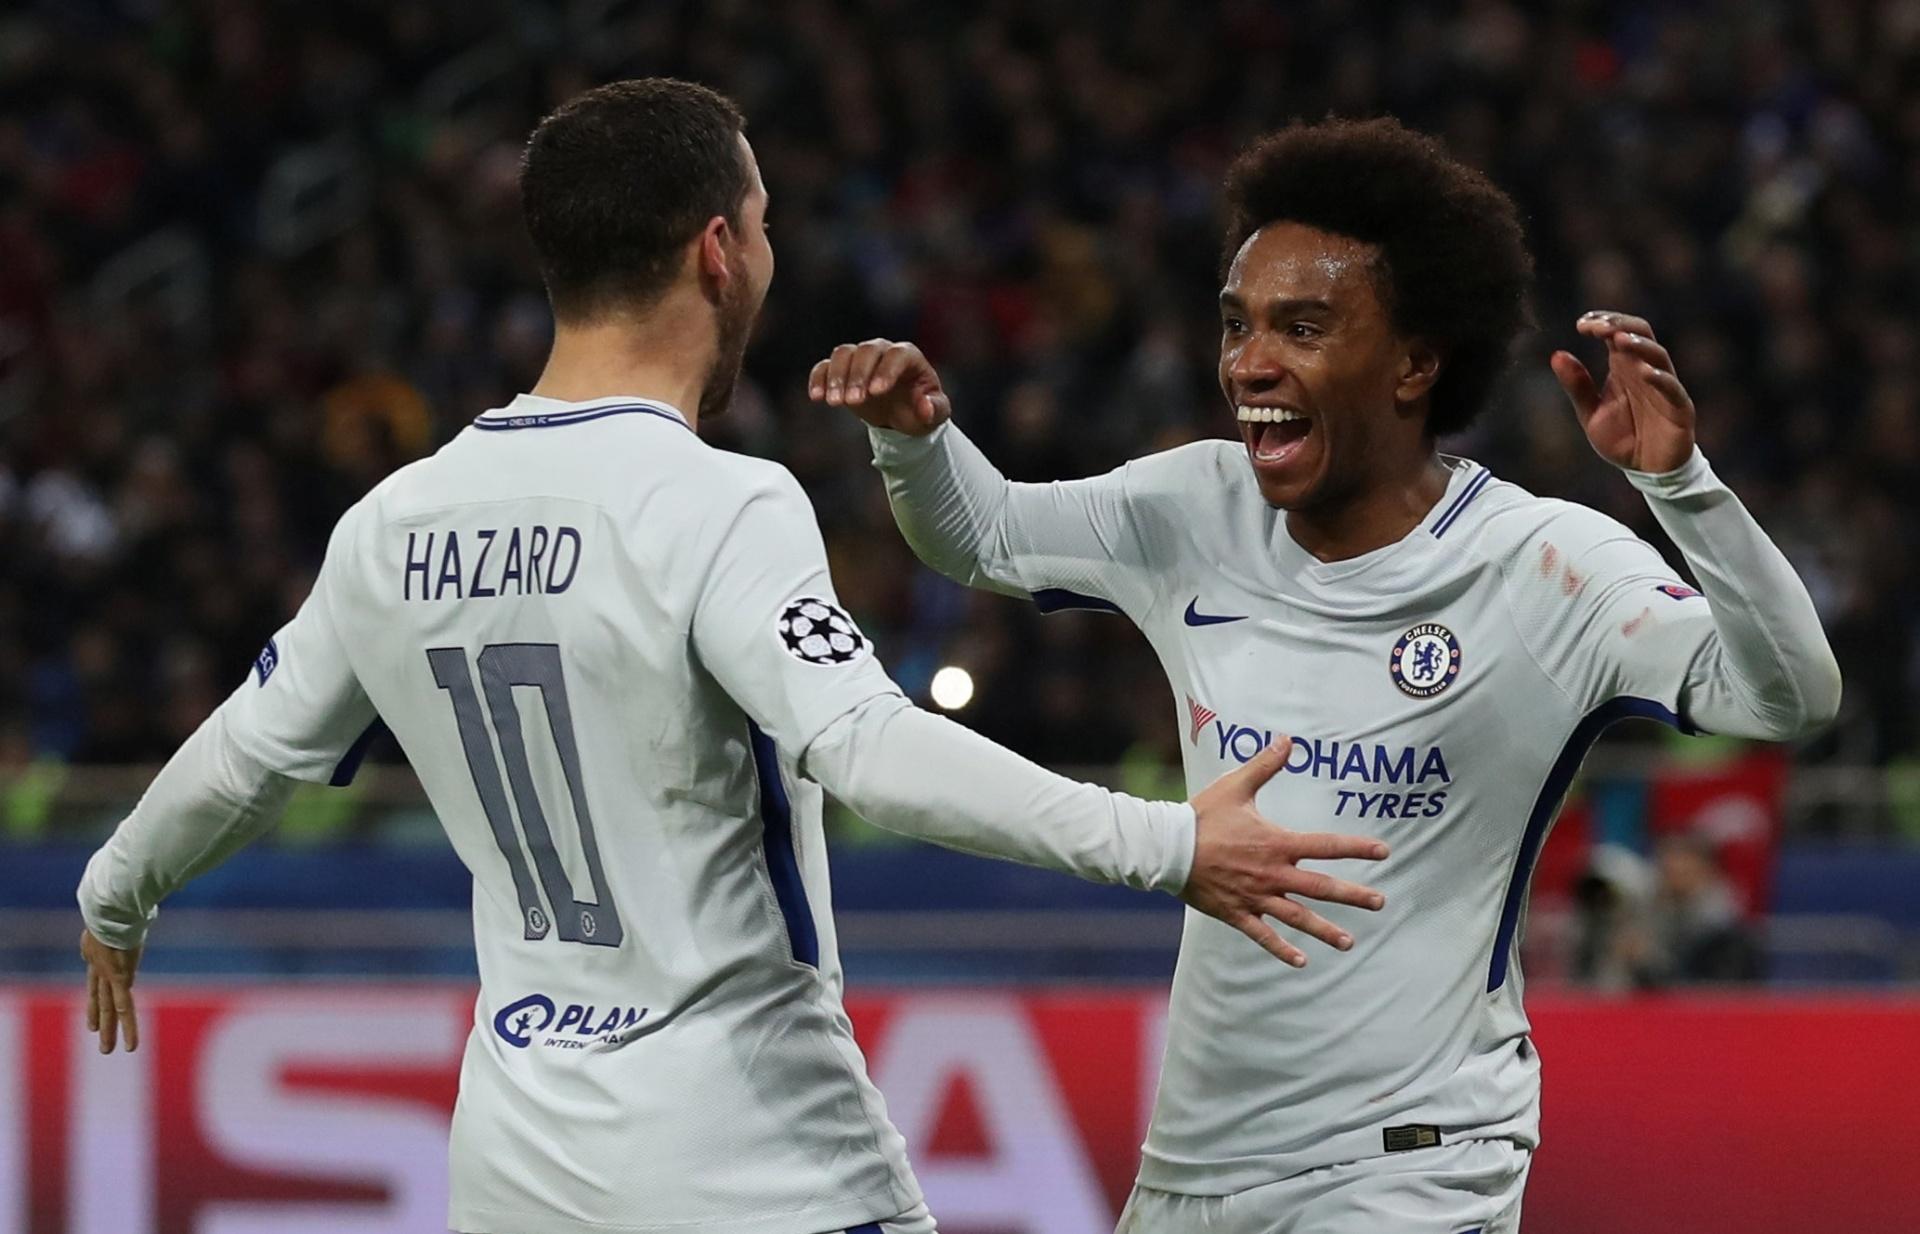 8bb3ba1b36 Willian não descarta sair do Chelsea  mais chances e Conte decidirão futuro  - 23 11 2017 - UOL Esporte